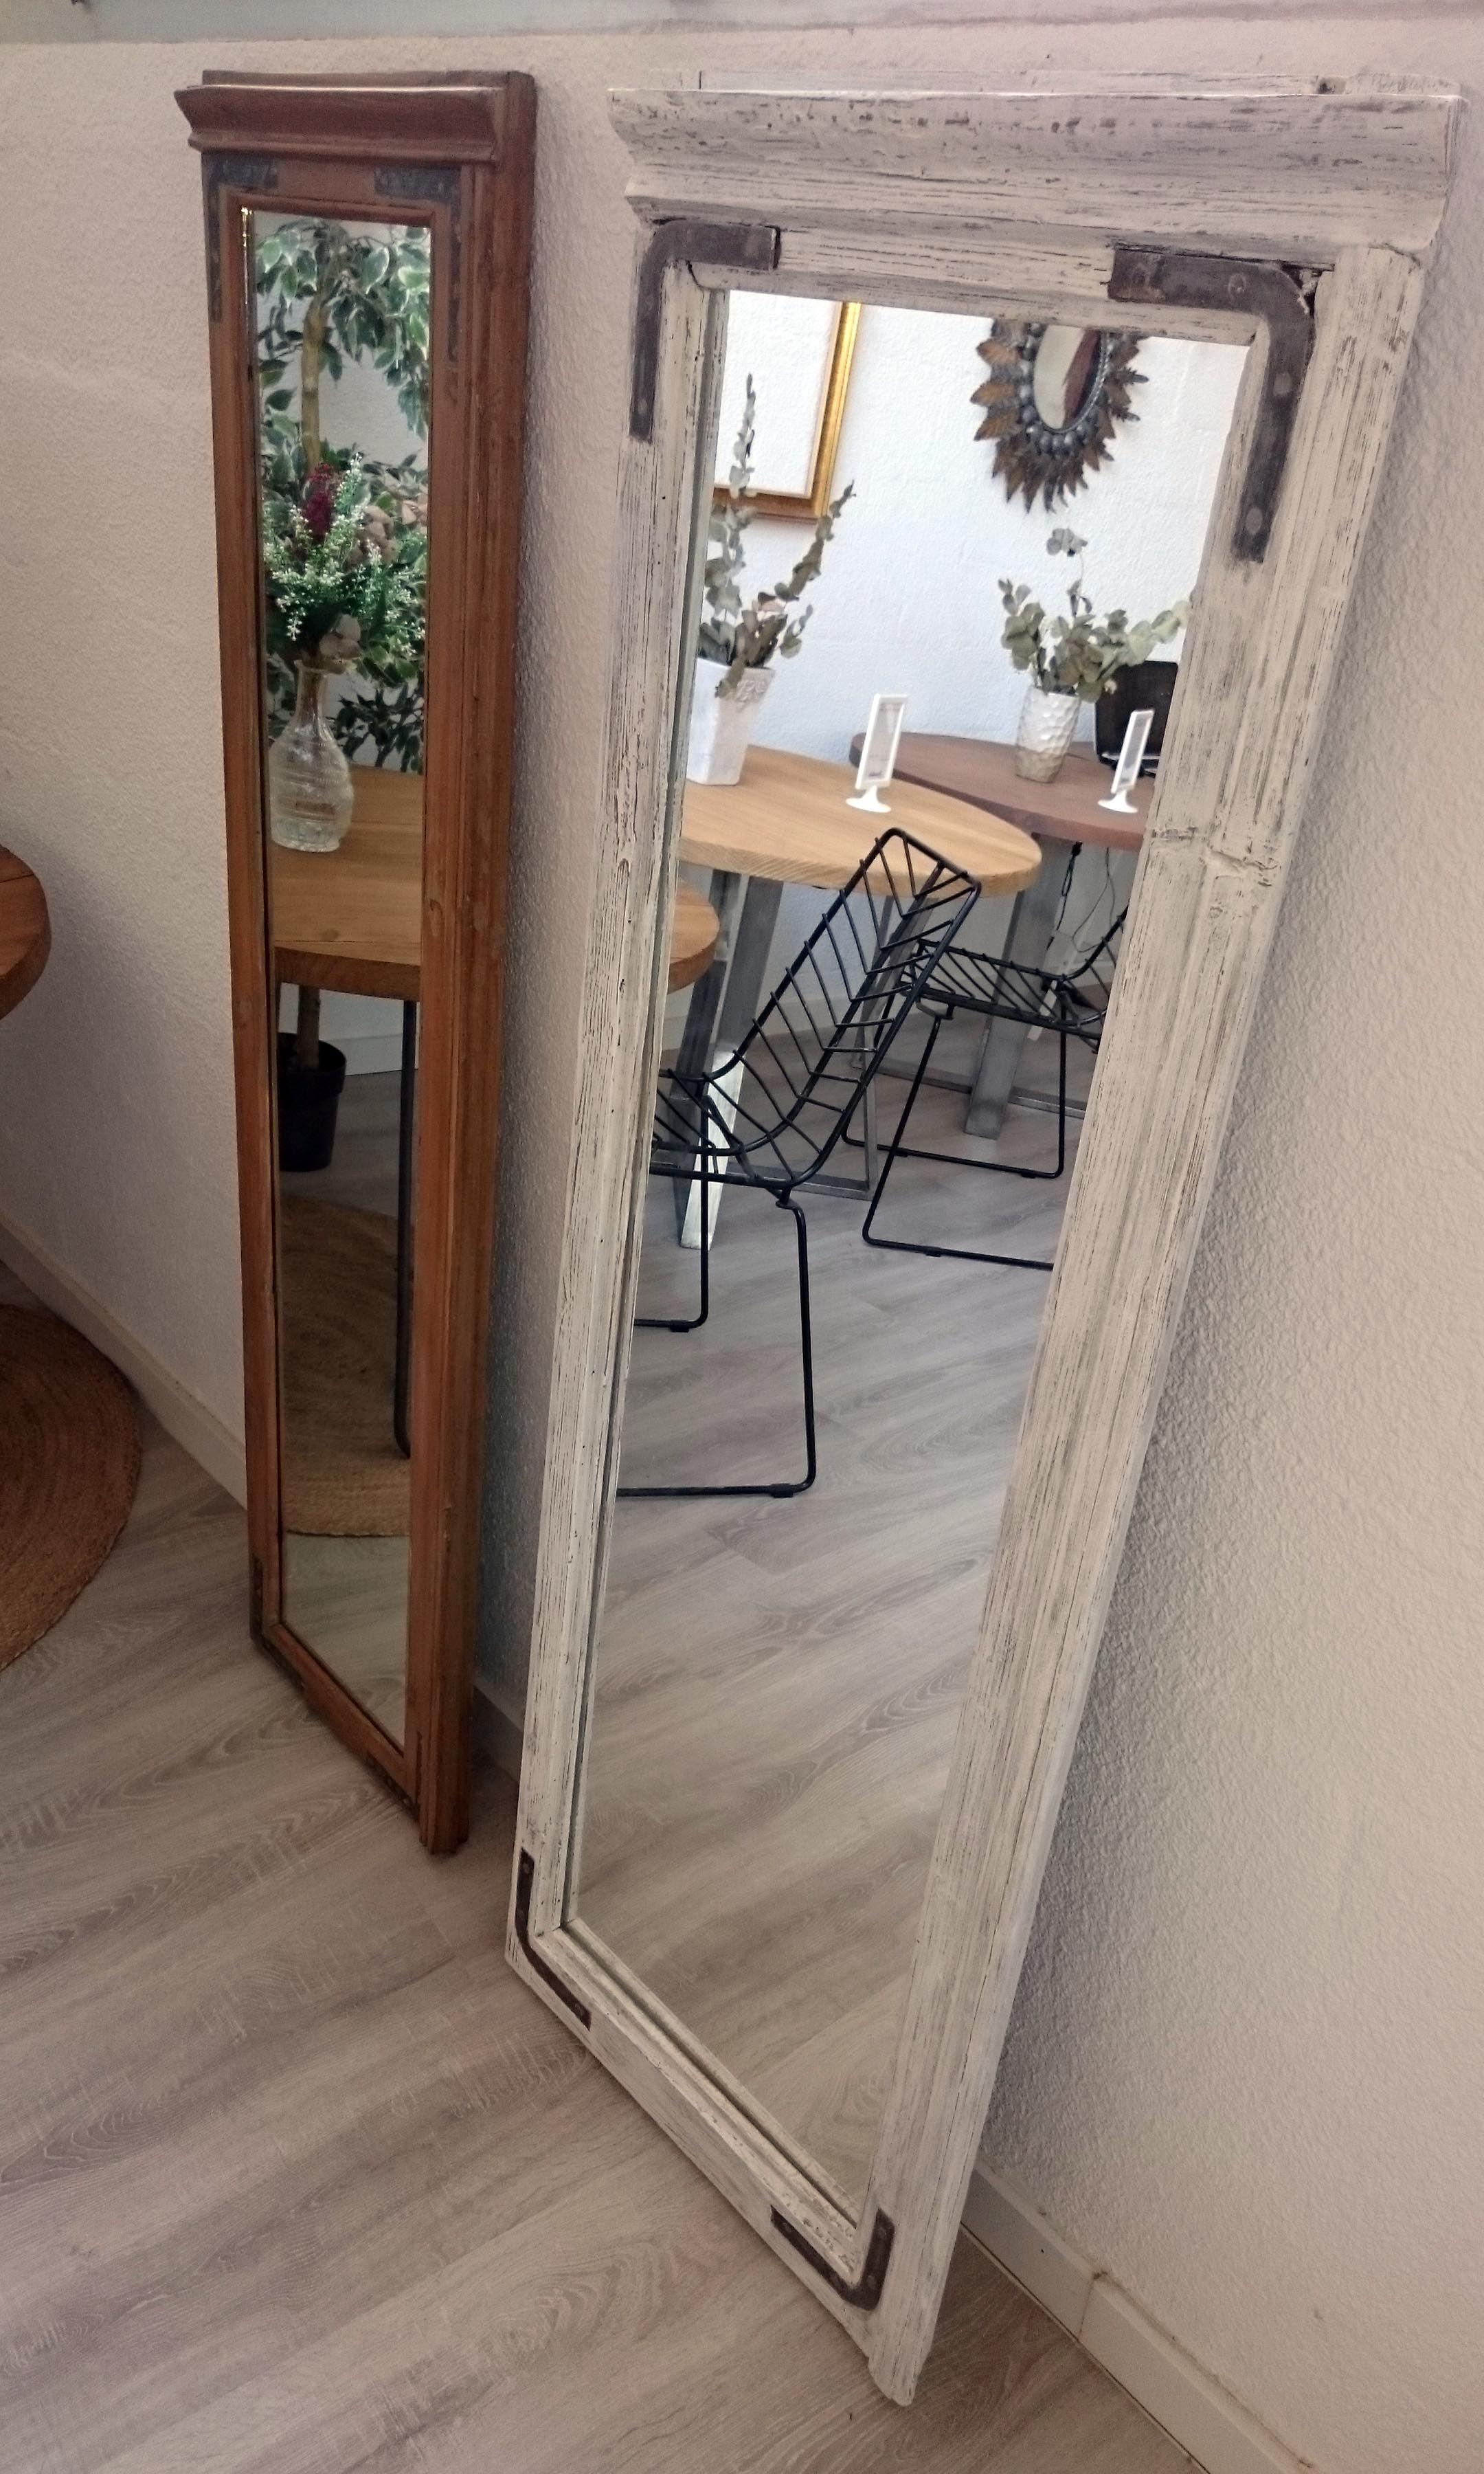 Espejos Realizados Sobre Ventanas Woodies Muebles A Medida  # Muebles Woodies